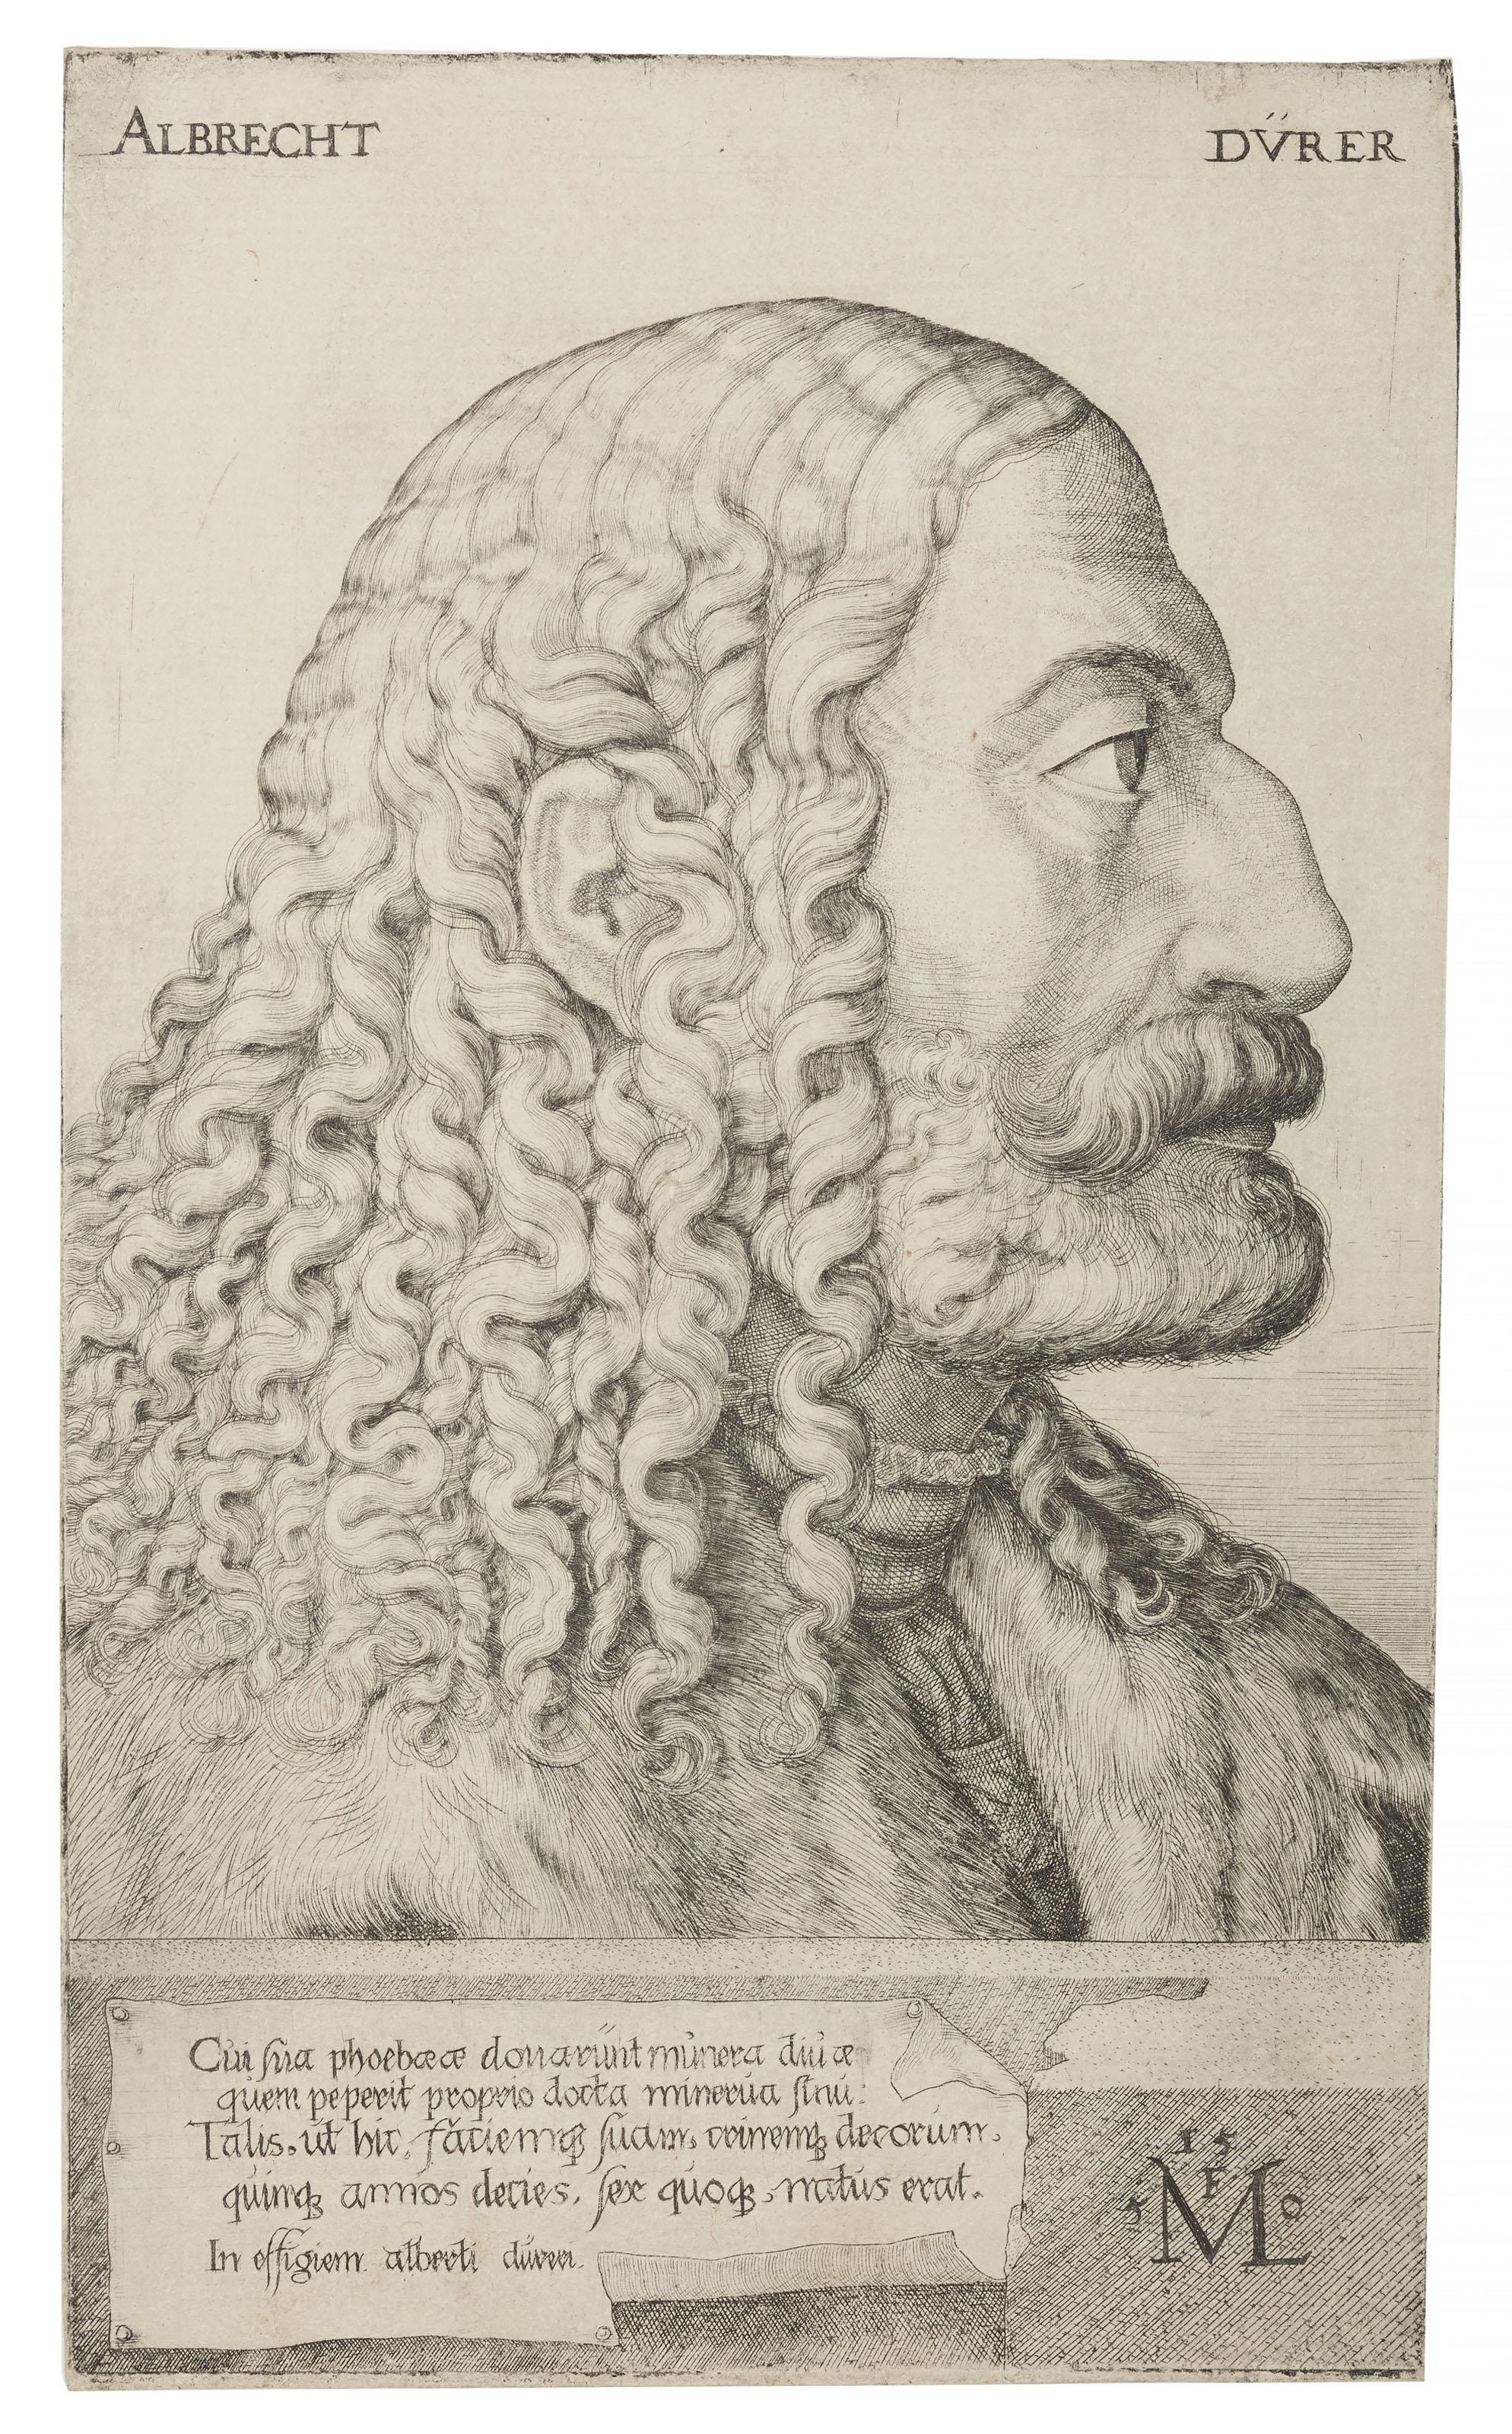 Portrait of Albrecht Dürer